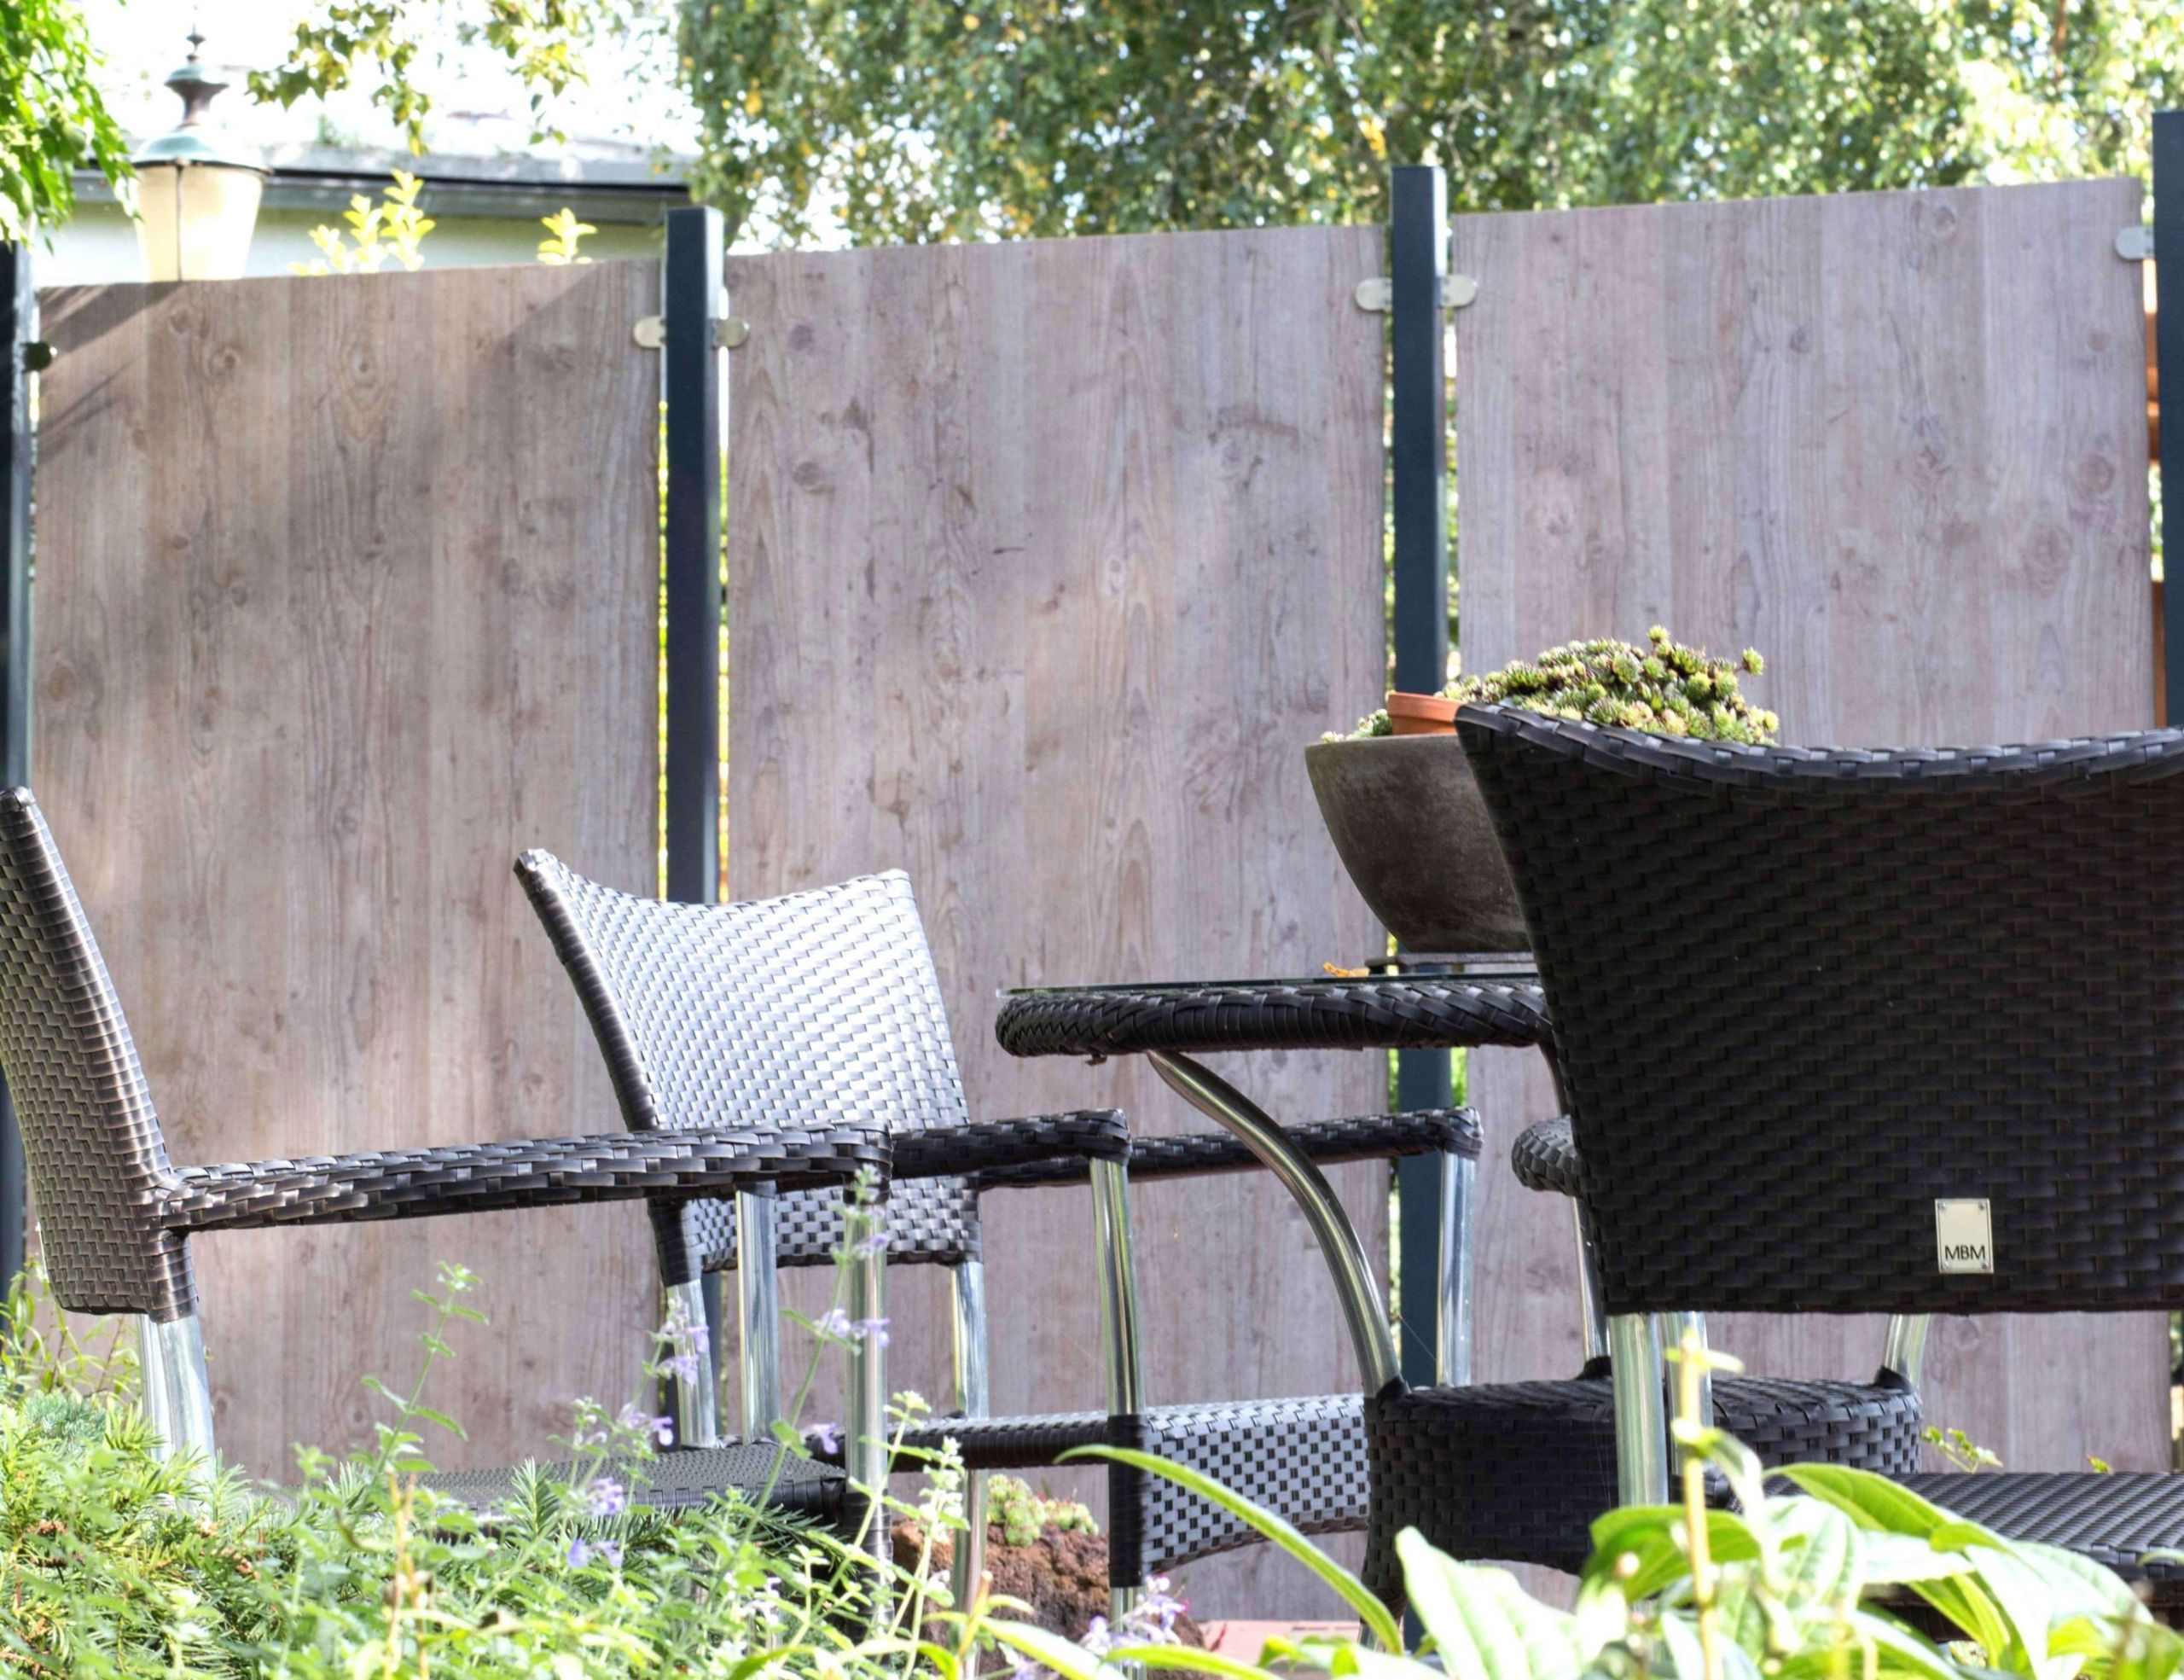 sichtschutz garten ideen bilder neu sichtschutz garten terrasse sichtschutz garten ideen sichtschutz garten ideen